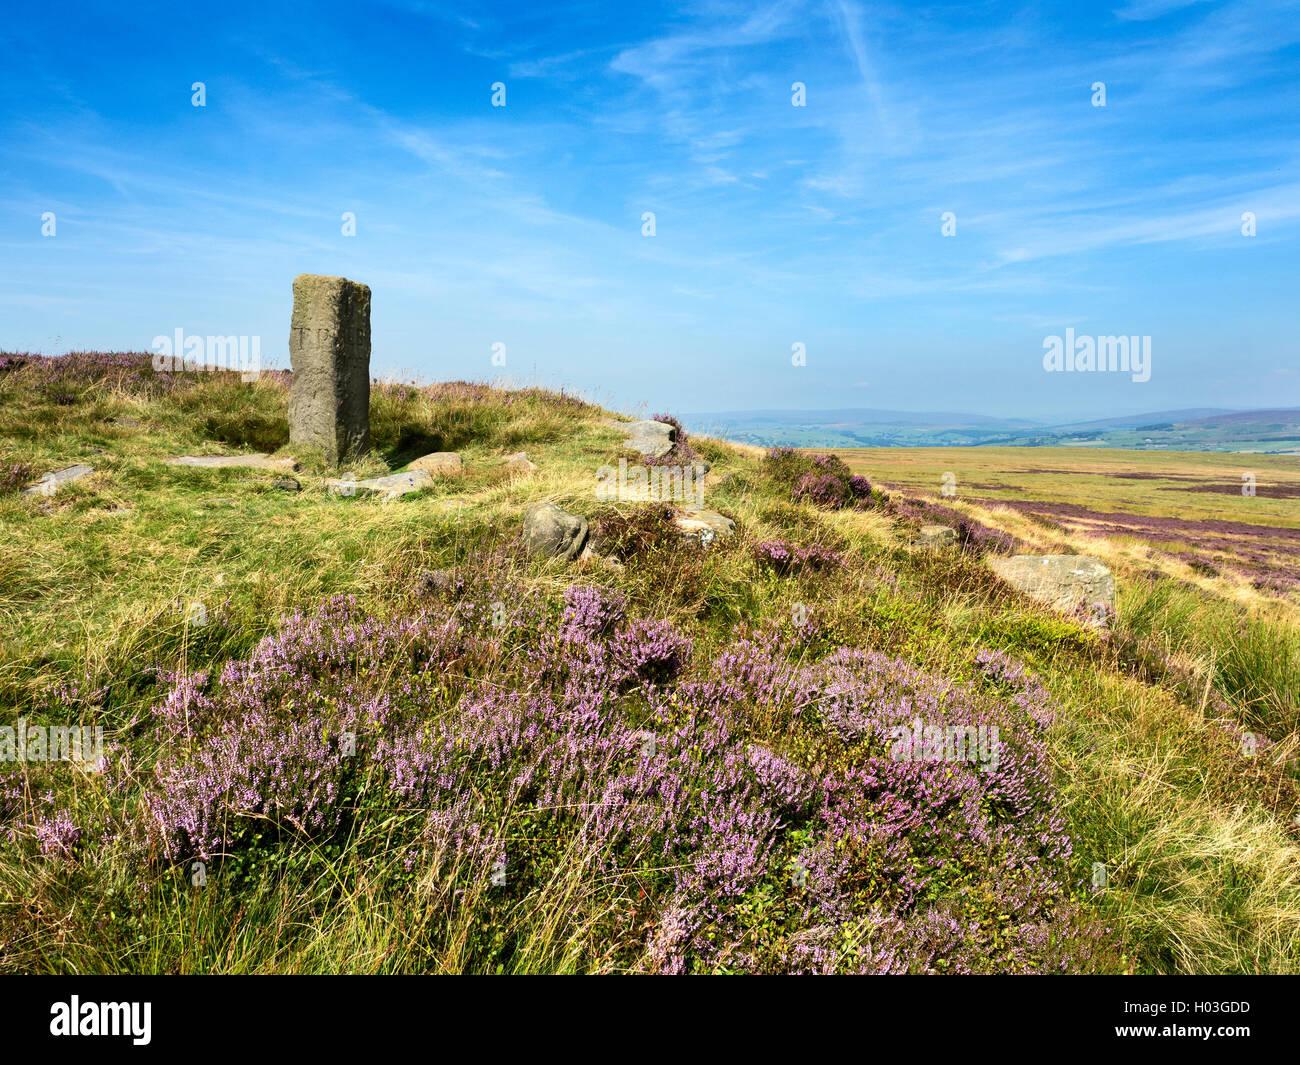 Lanshaw Lad Boundary Stone on Ilkley Moor in Summer Ilkley West Yorkshire England - Stock Image